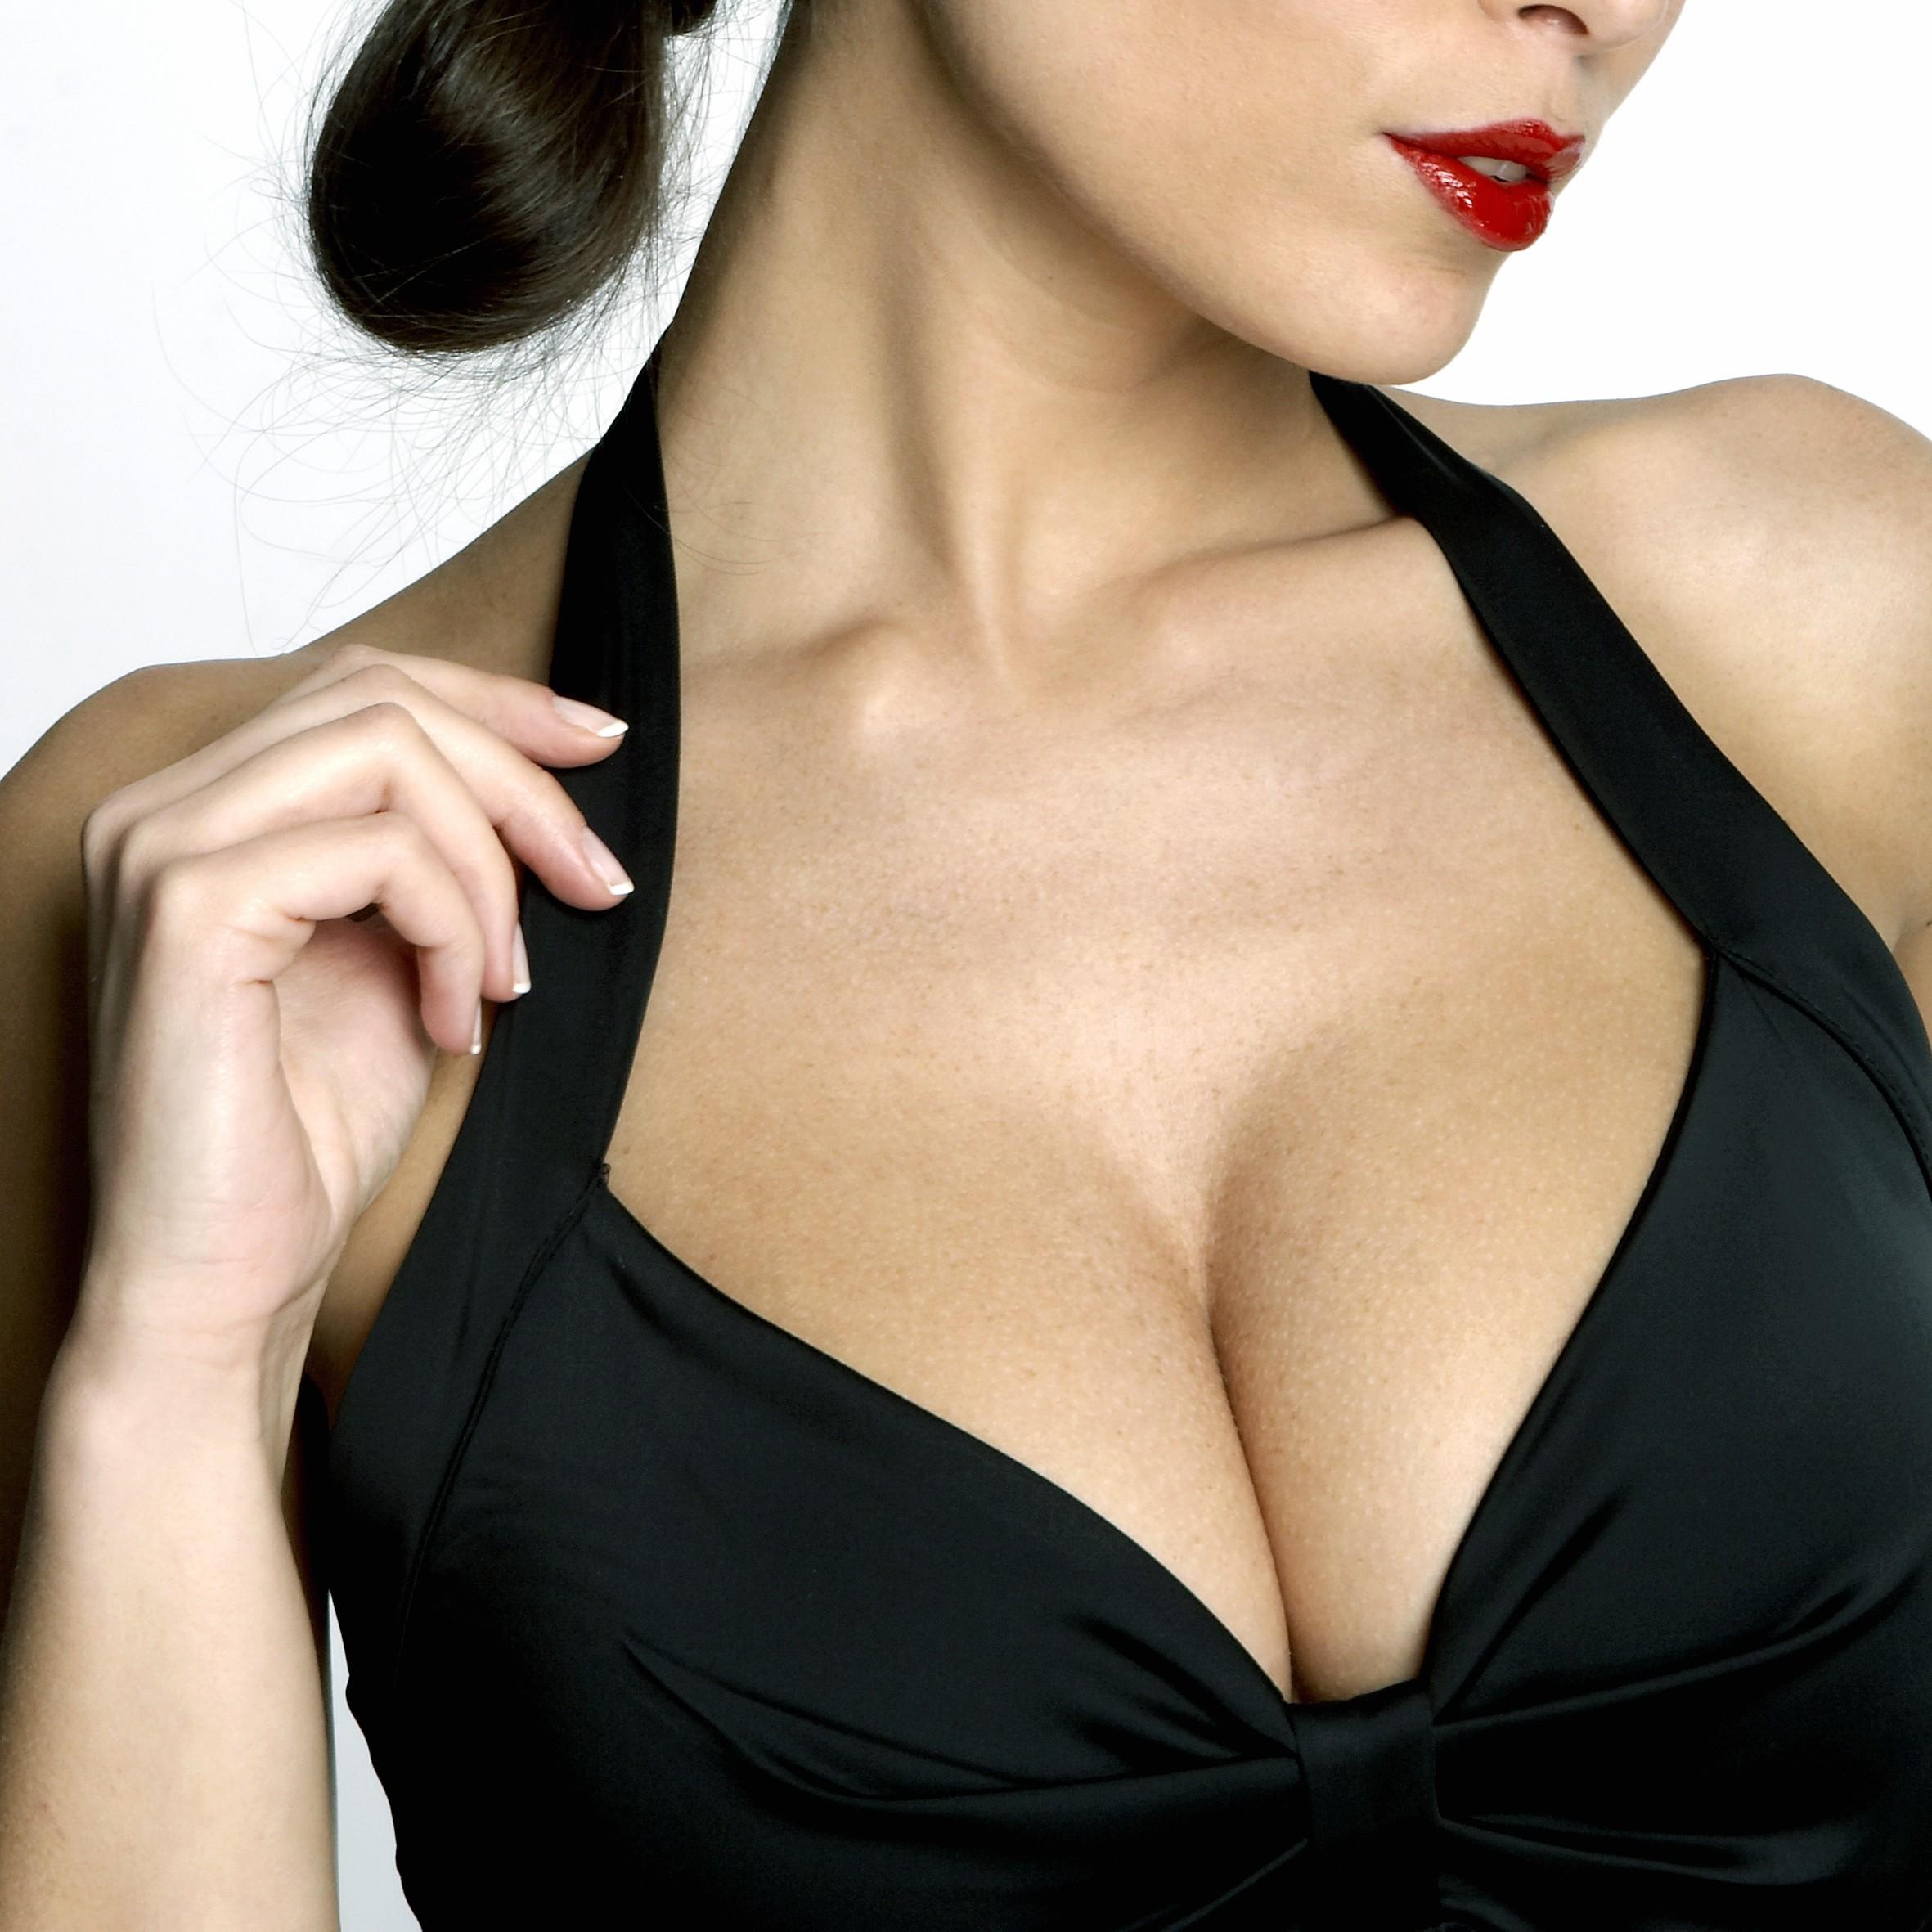 Фото про женскую грудь 14 фотография